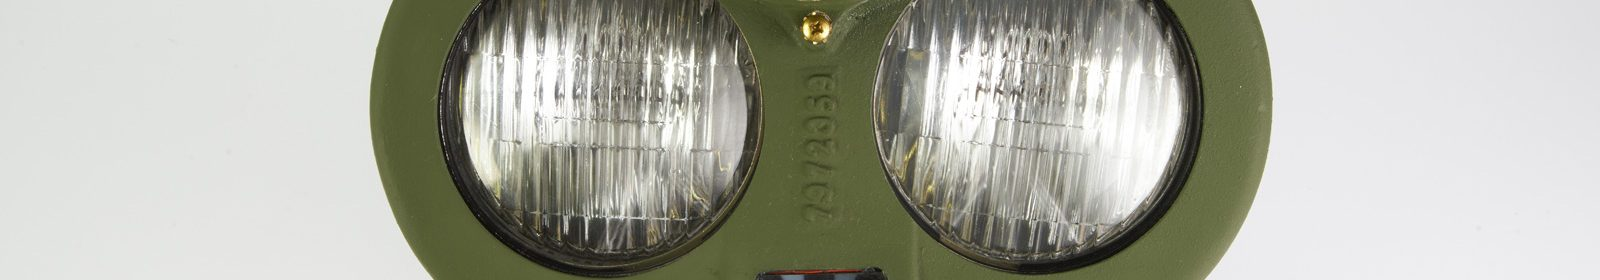 dual-head-lamp